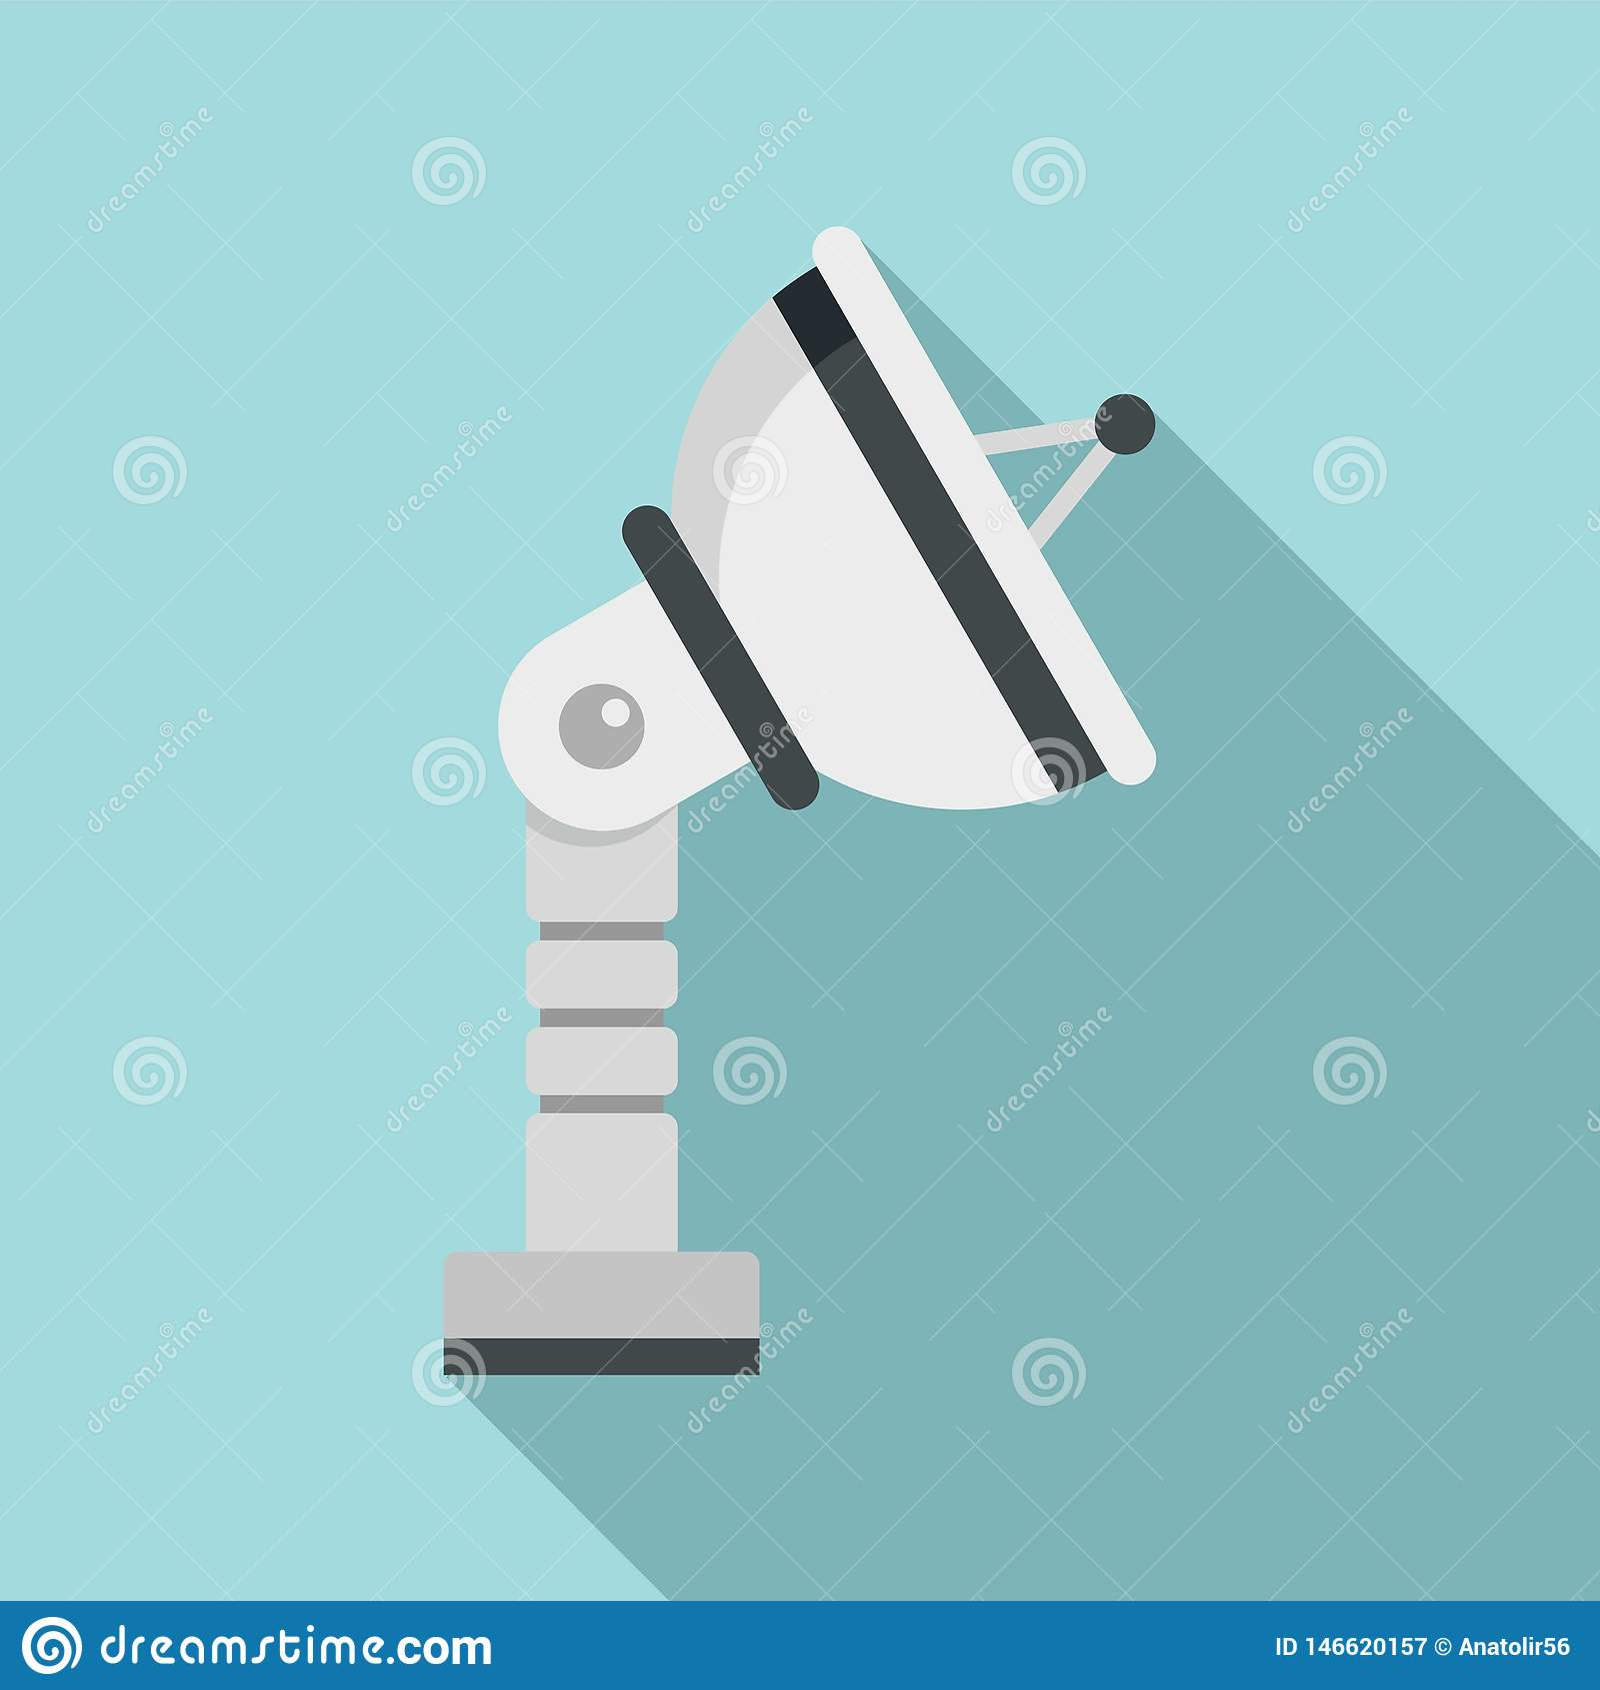 Ground satellite antenna icon, flat style